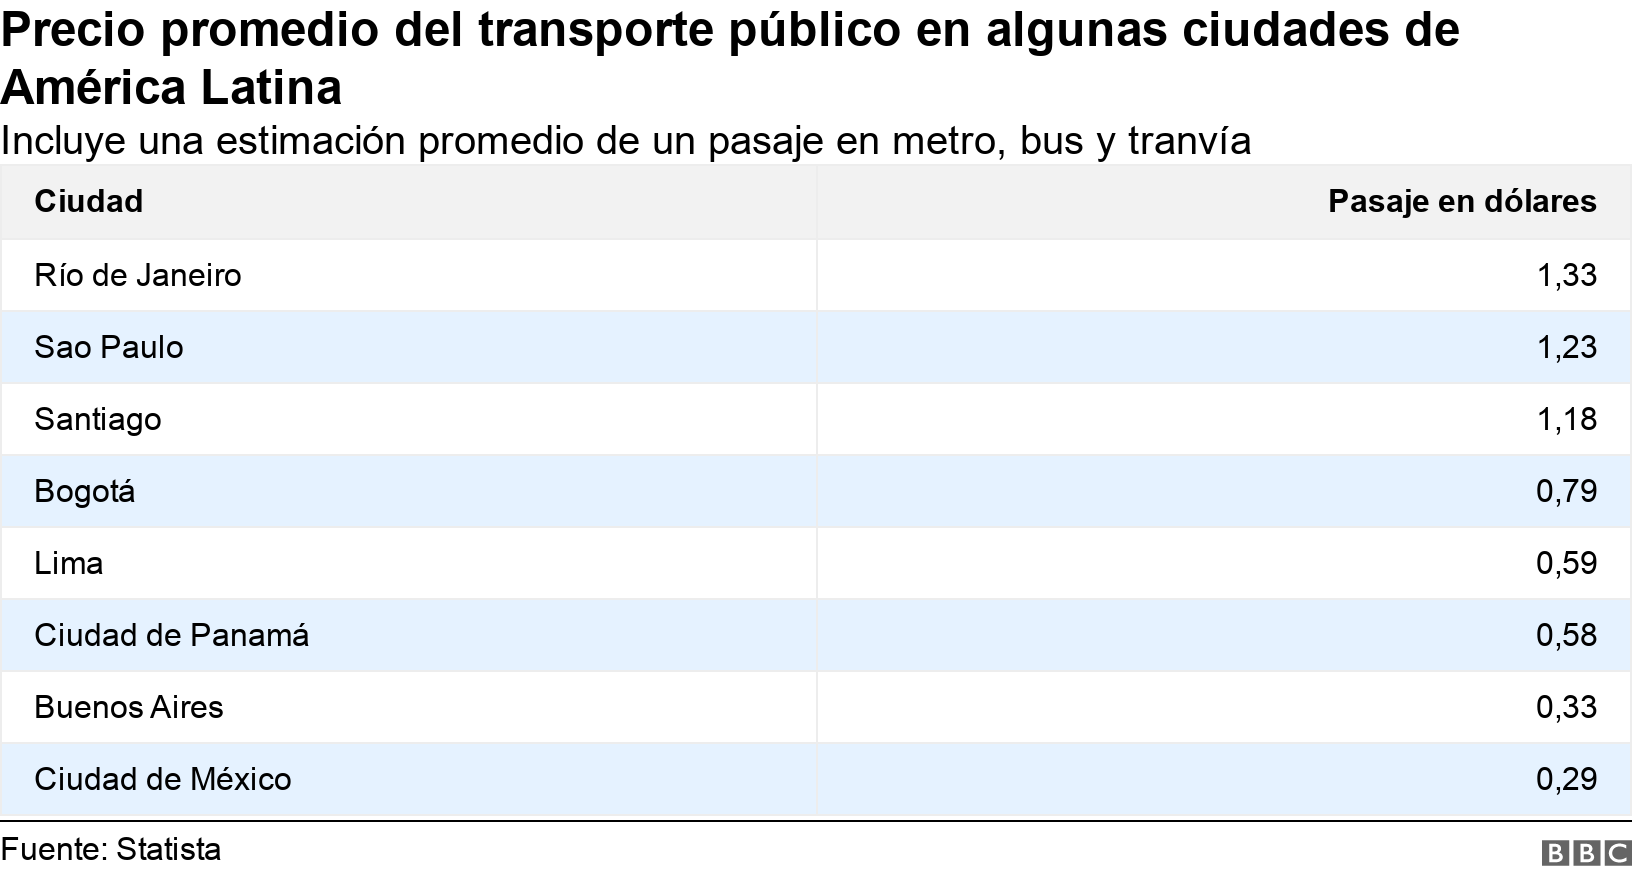 Precio promedio del transporte público en algunas ciudades de América Latina. Incluye una estimación promedio de un pasaje en metro, bus y tranvía.  .